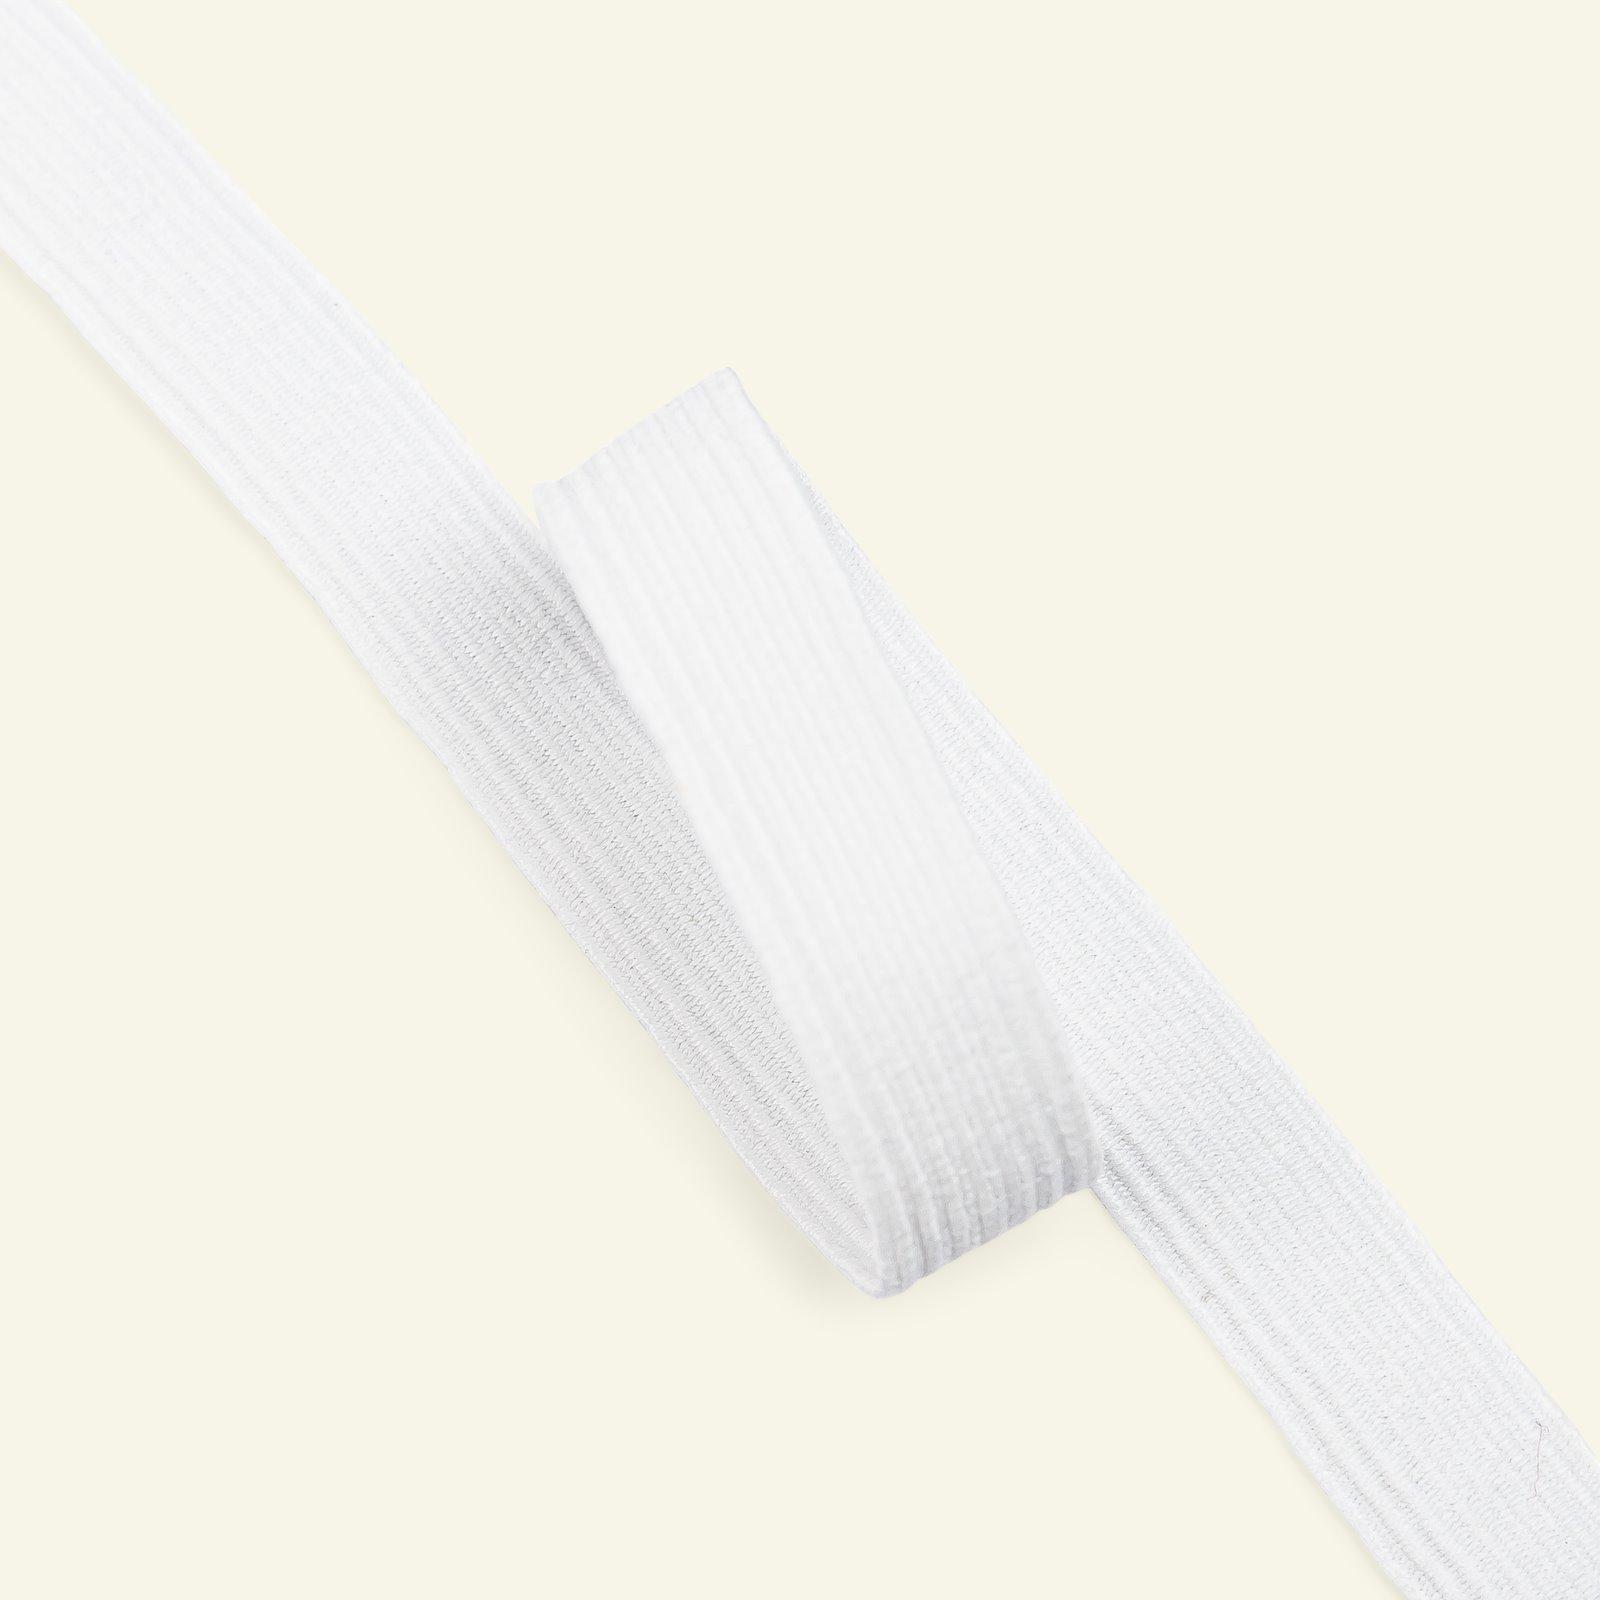 Elastic 15mm white 10m 3501501_pack